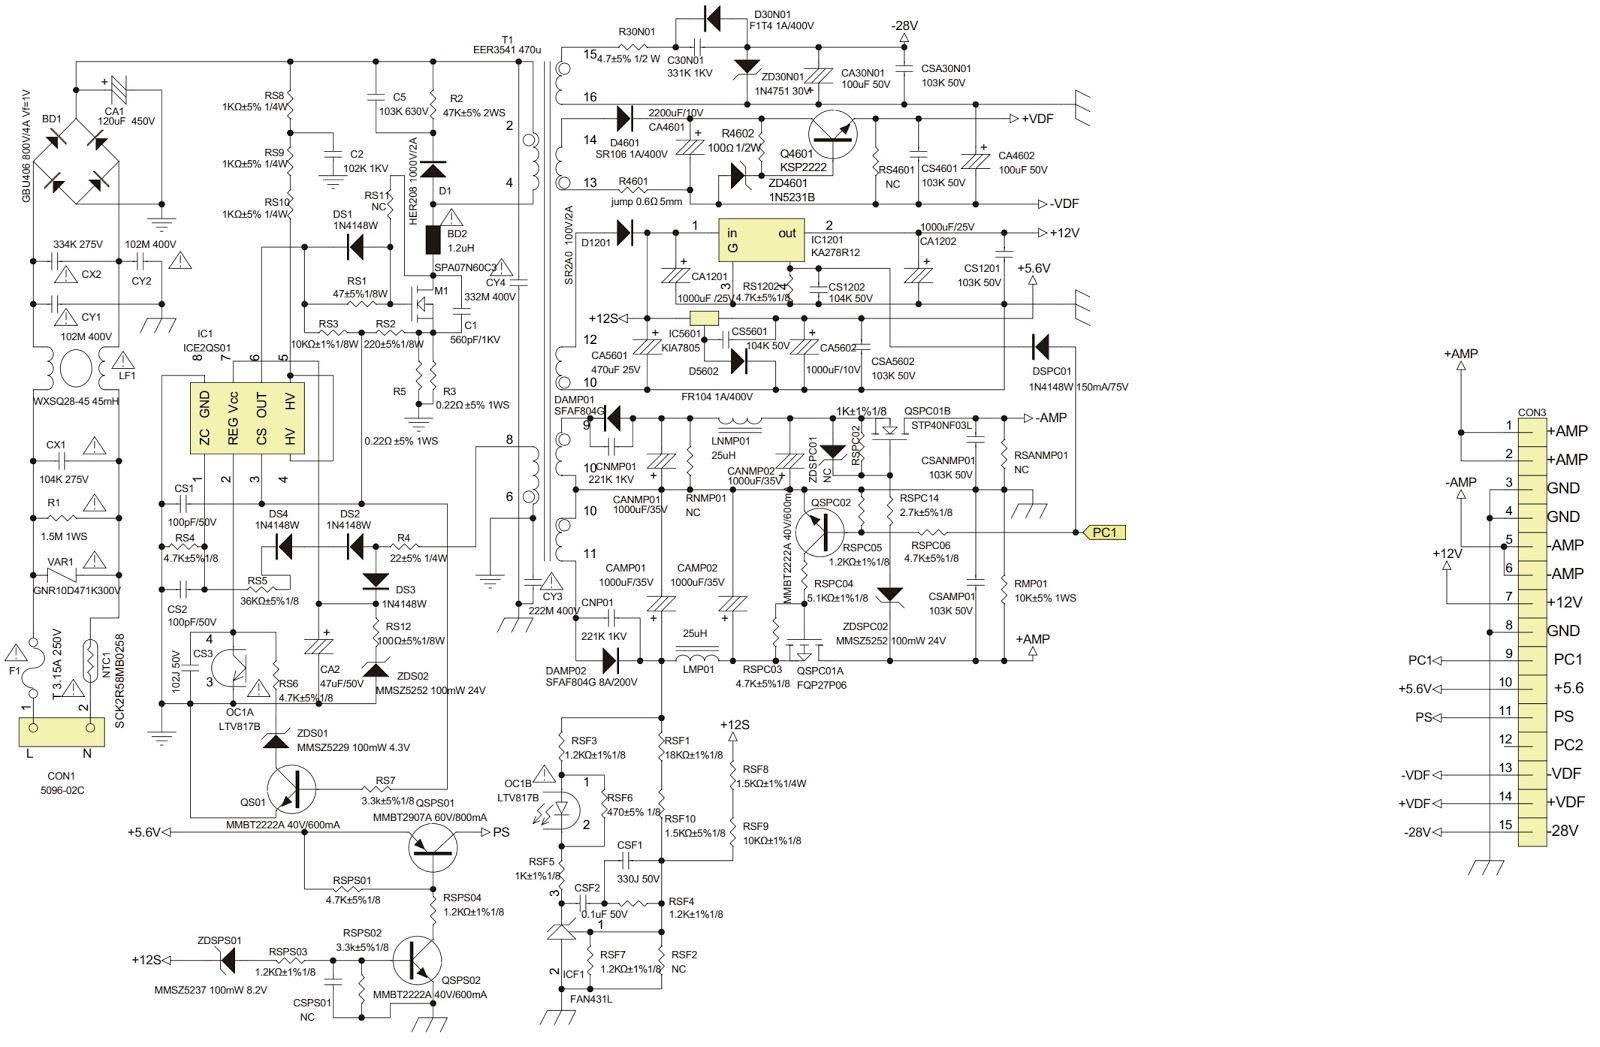 main pcb schematic diagram